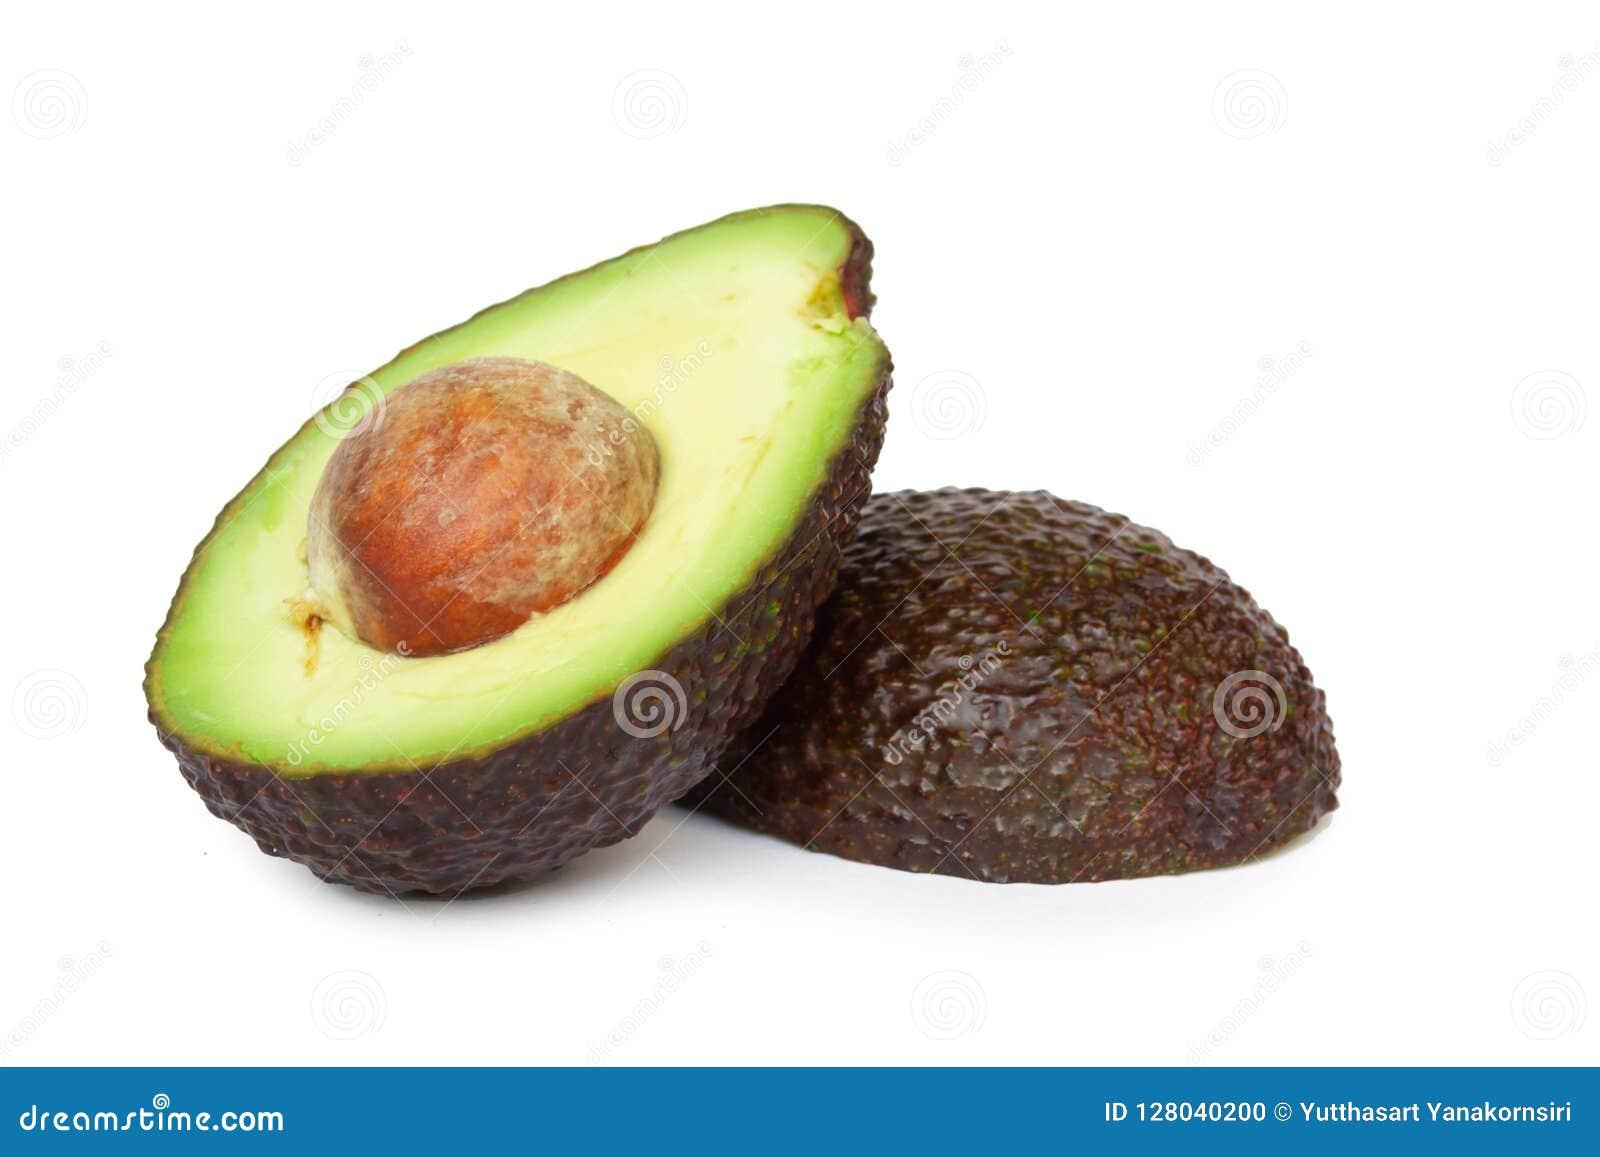 Świeży avocado plasterek odizolowywający na białym tle